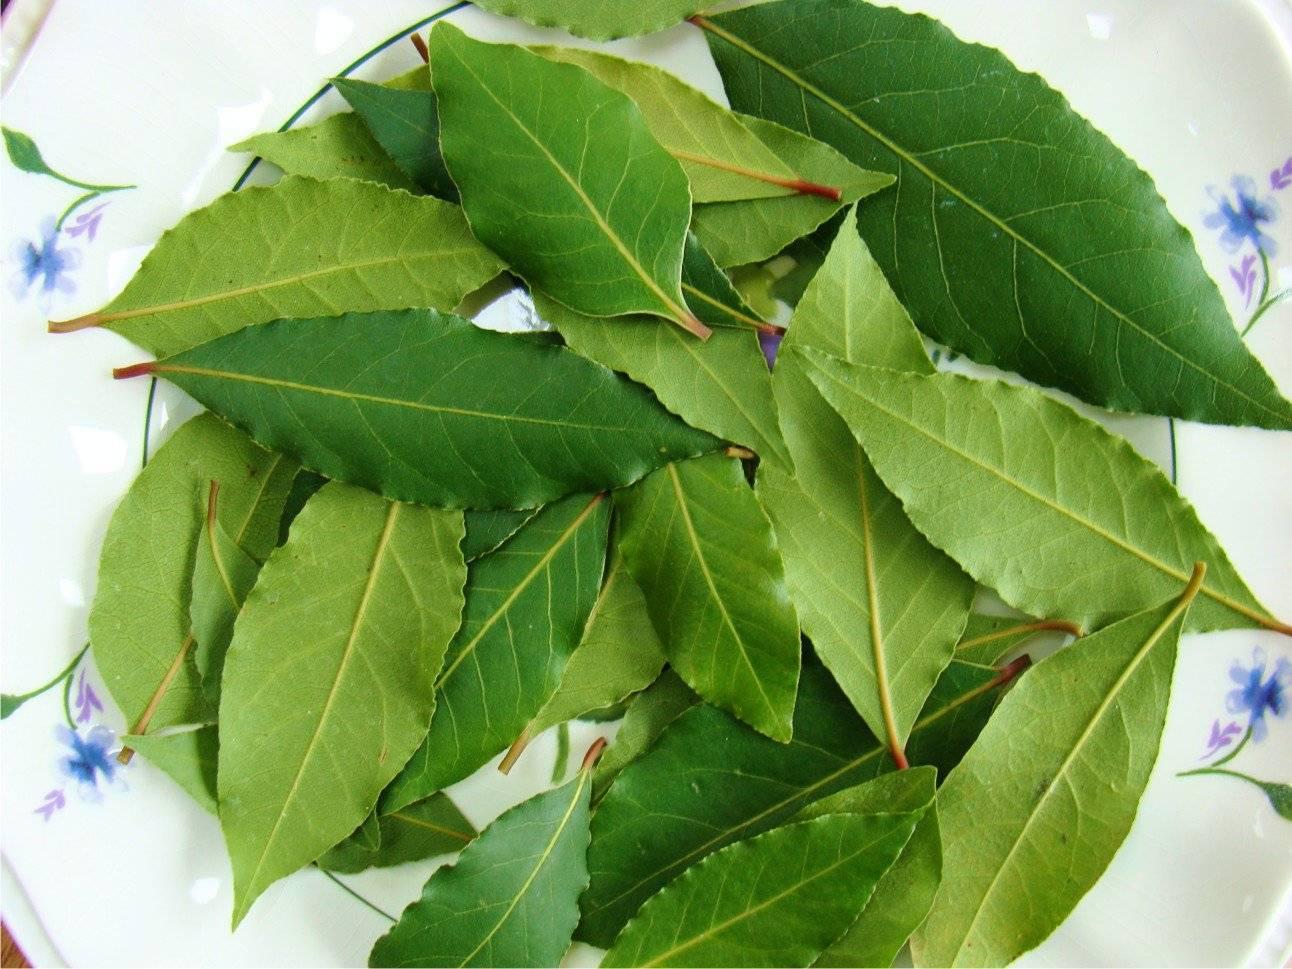 Как вырастить лавровый лист из семян: в домашних условиях и открытом грунте, как правильно посадить и ухаживать, размножение черенками, укоренение, вредители